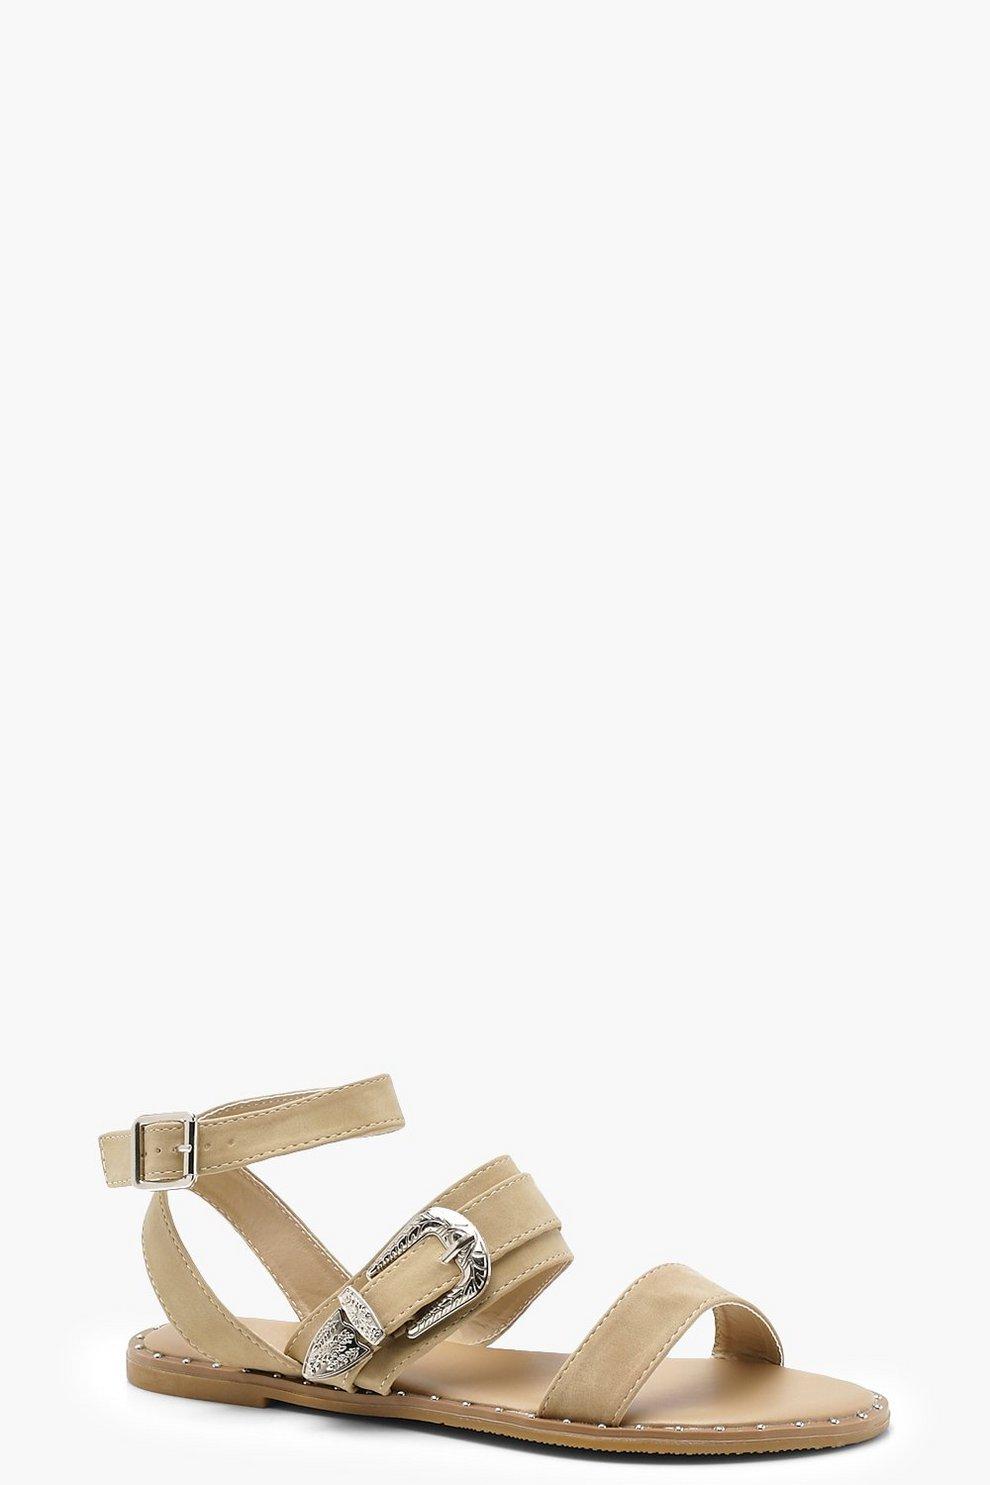 Sandali con fibbia e borchie a punta spillo Suministro De Precio Barato WRJoaH